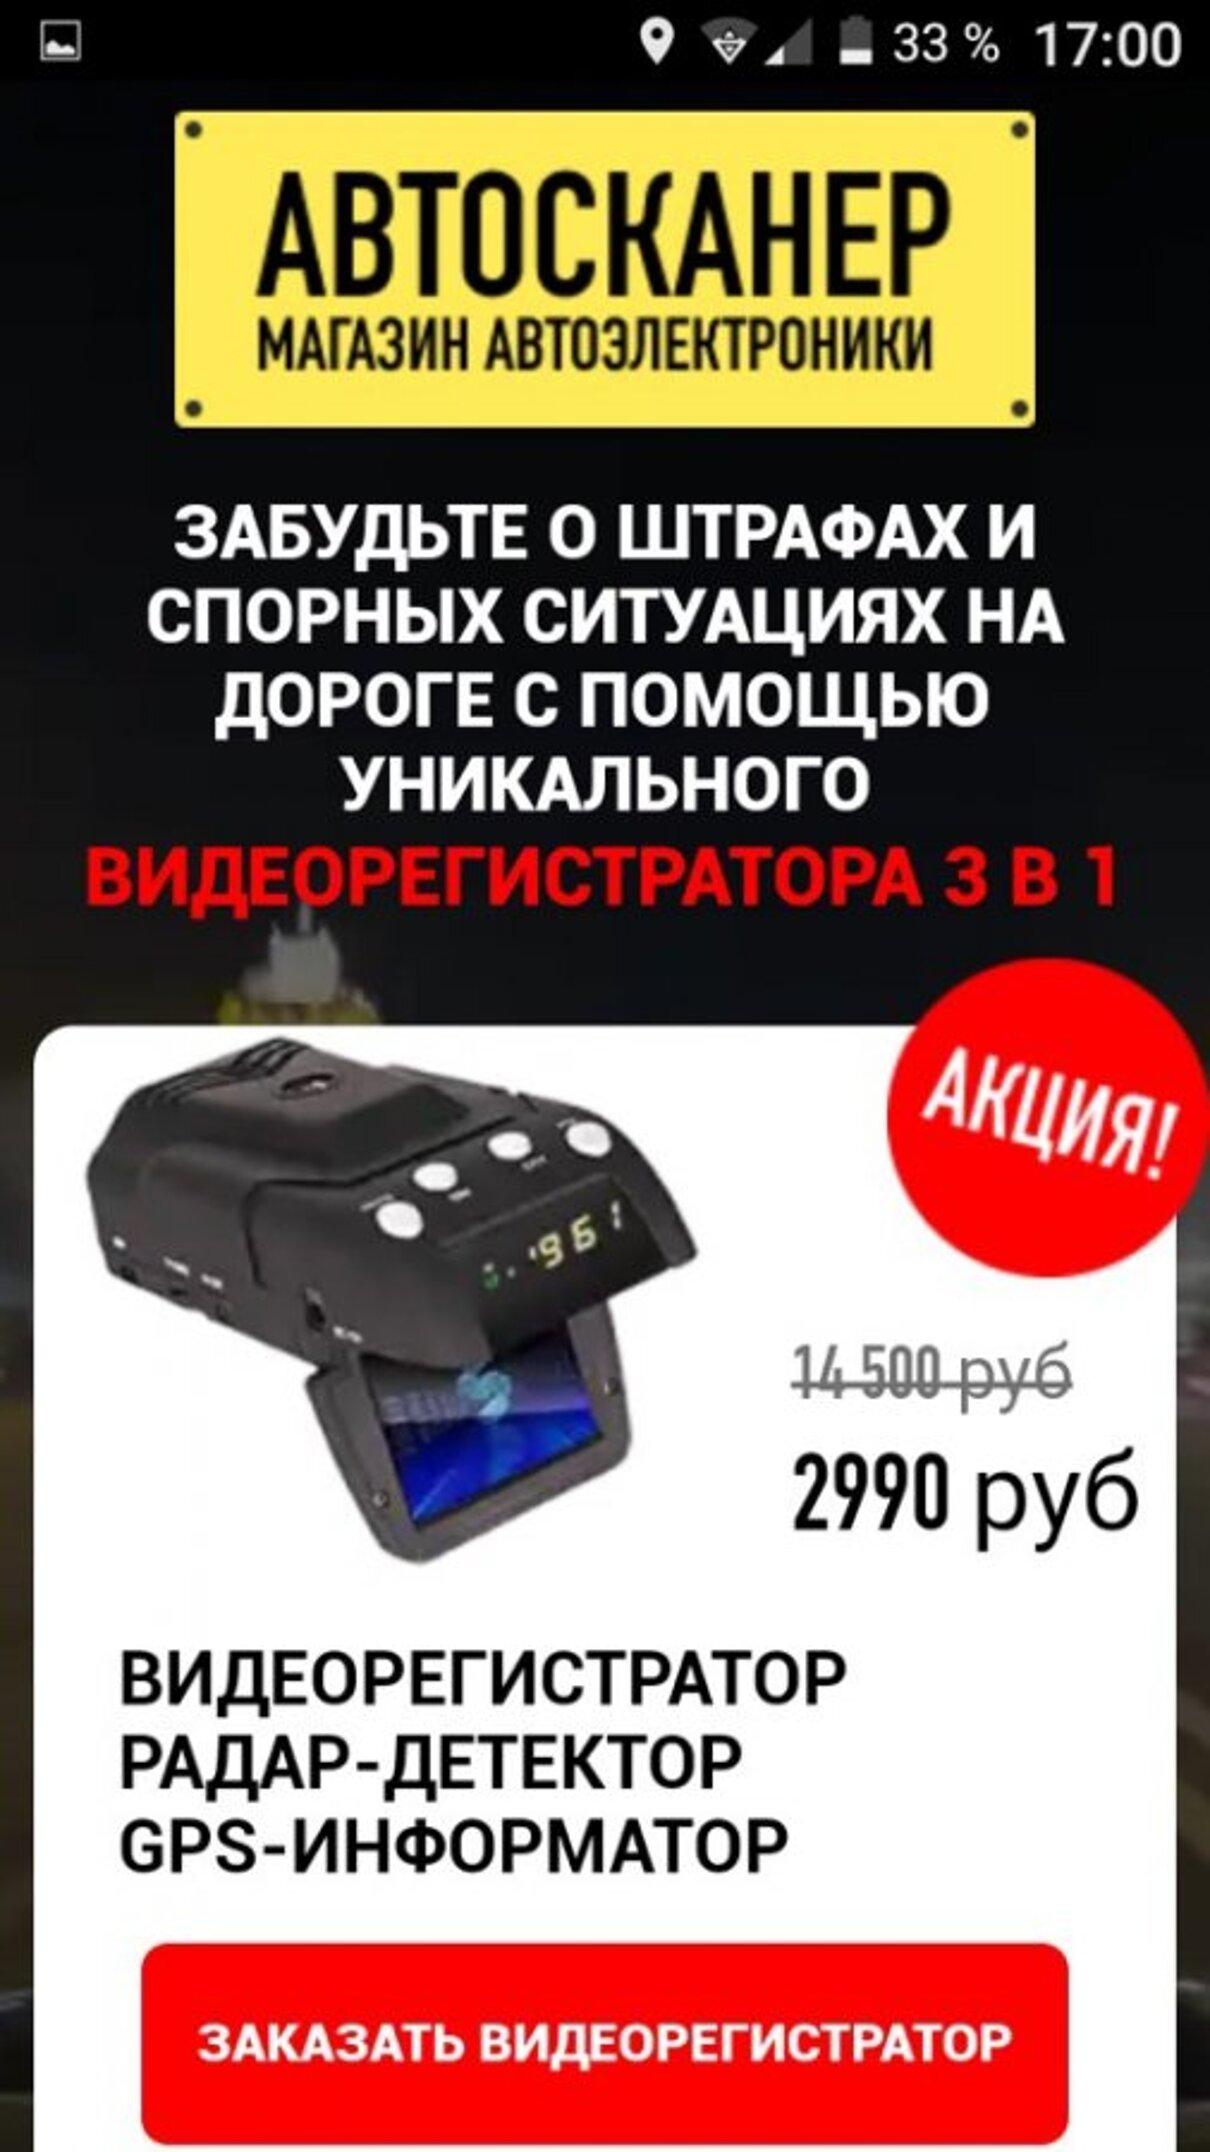 """Жалоба-отзыв: ООО """"ОППОРТЬЮНИТИ"""" - Несоответствие товара"""